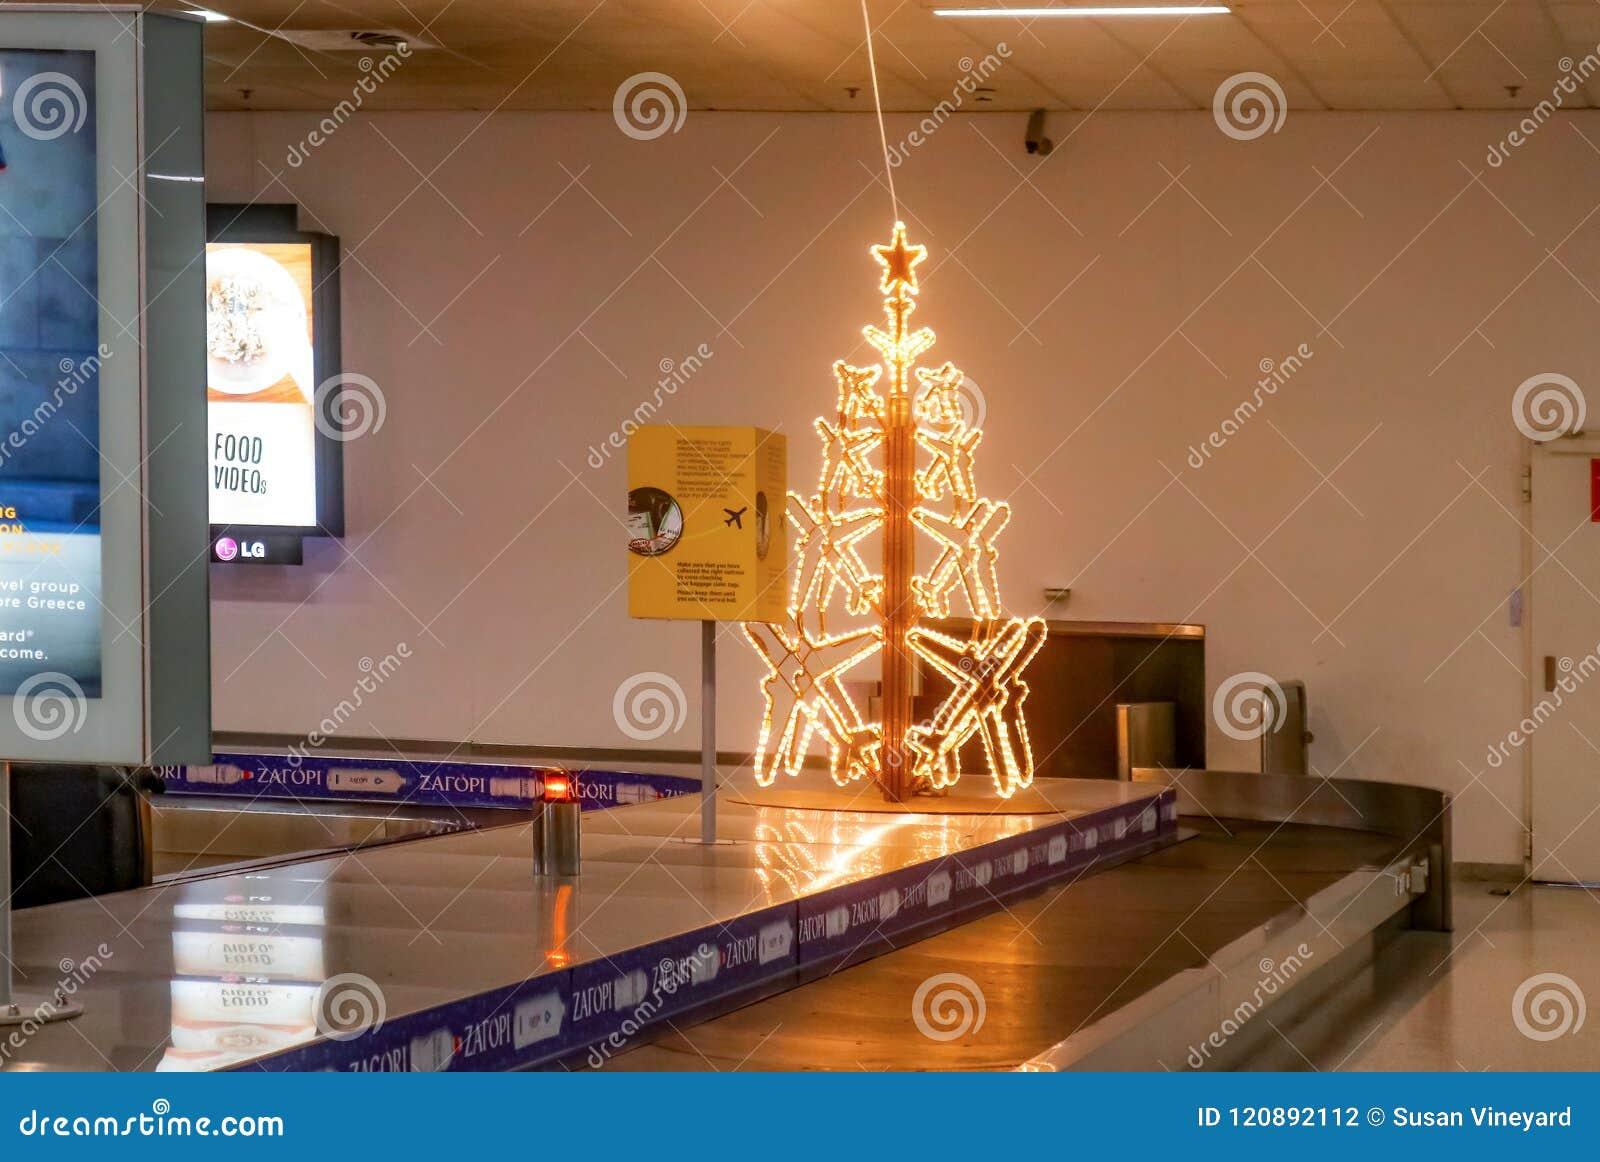 Árvore de Natal iluminada do avião na correia transportadora da bagagem no aeroporto tarde quase abandonado na noite no Ch